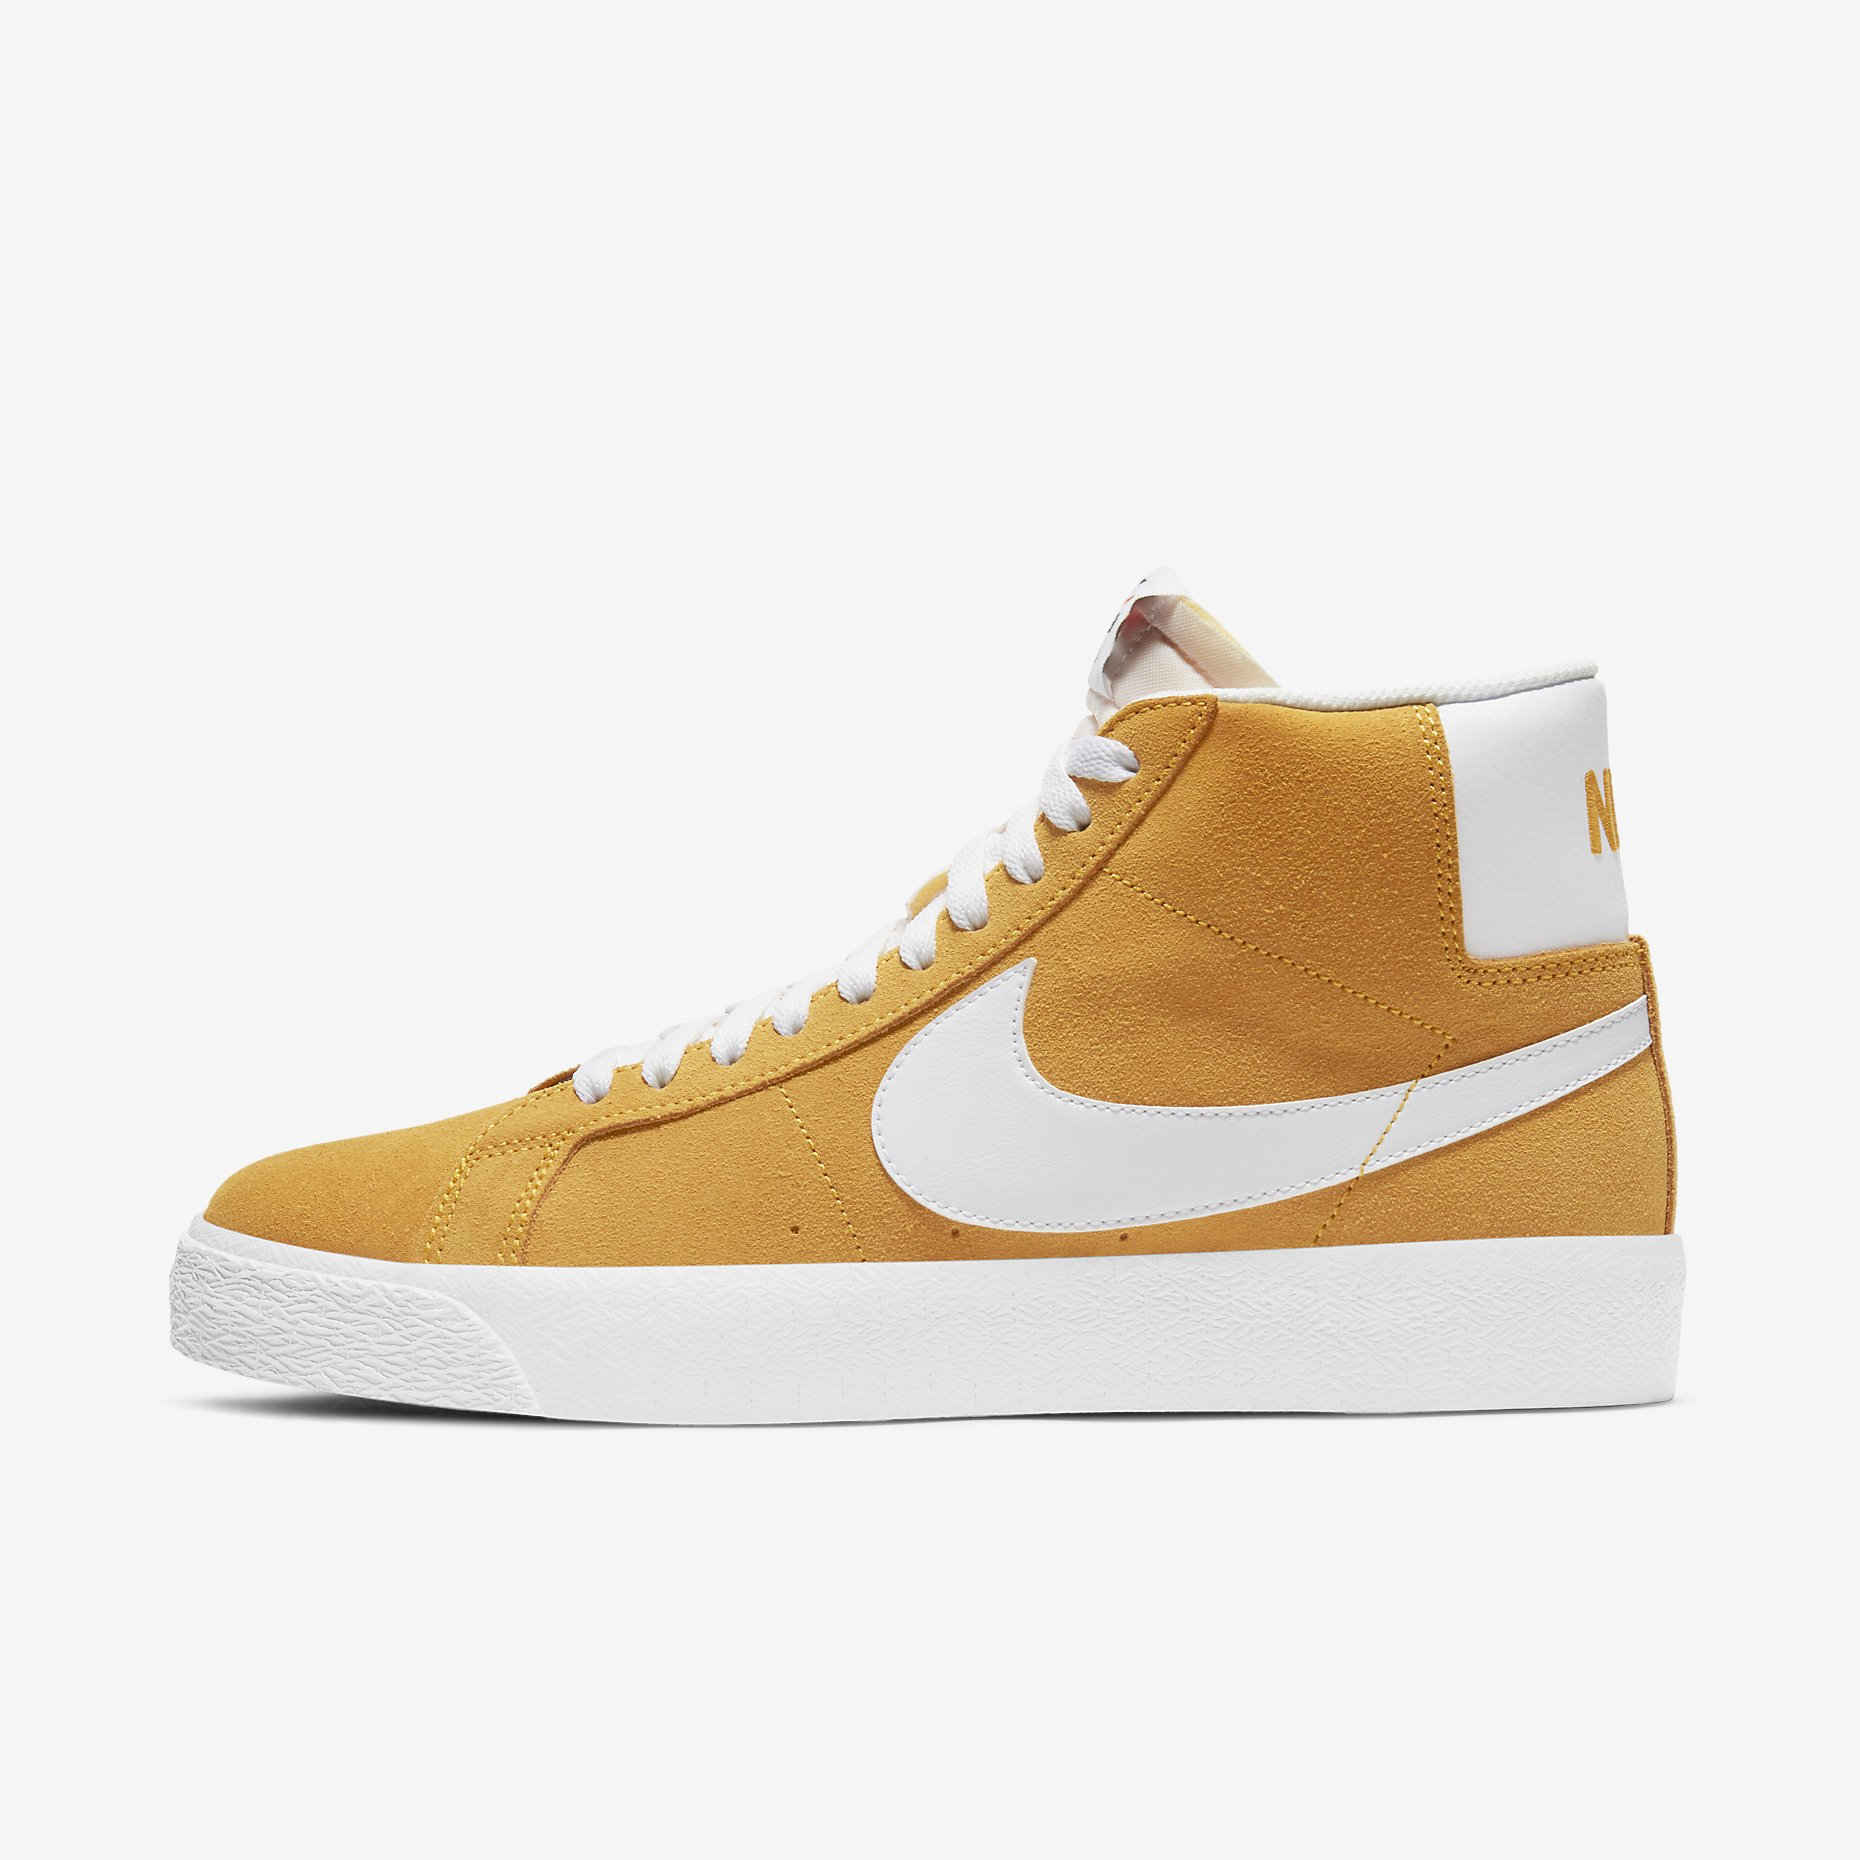 Nike SB Zoom Blazer Mid 'University Gold/White'